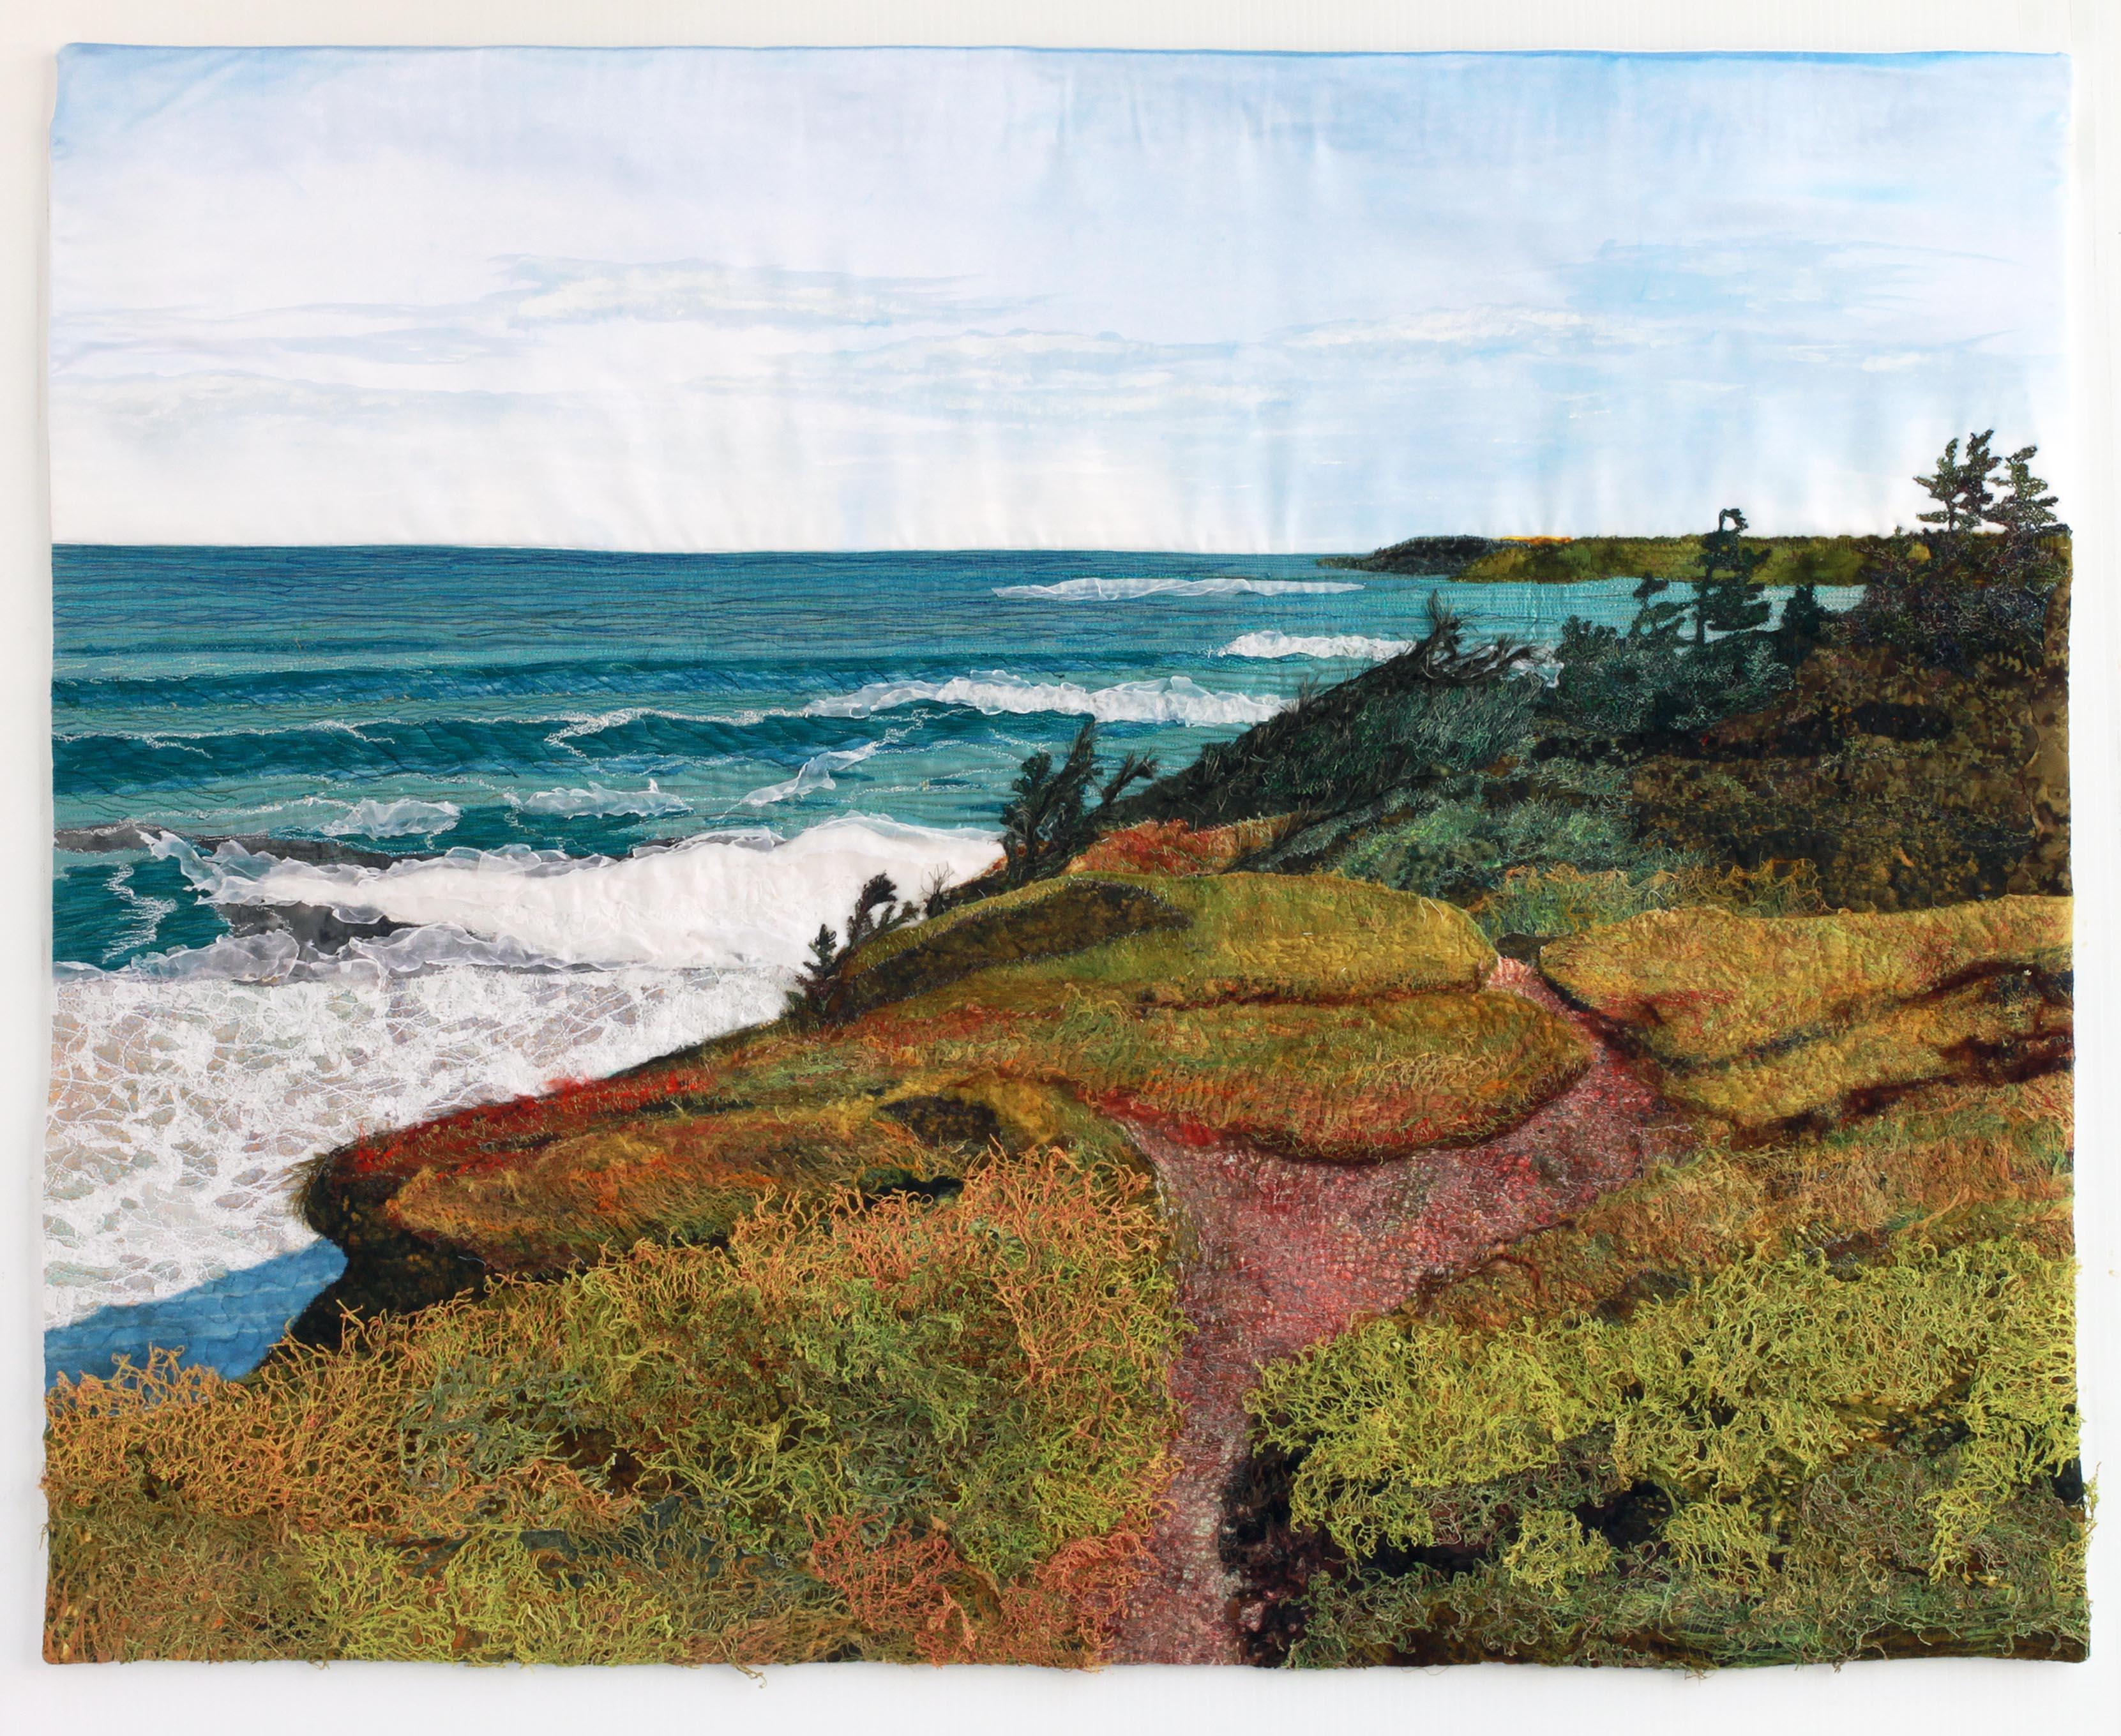 Sea Cliff 2019